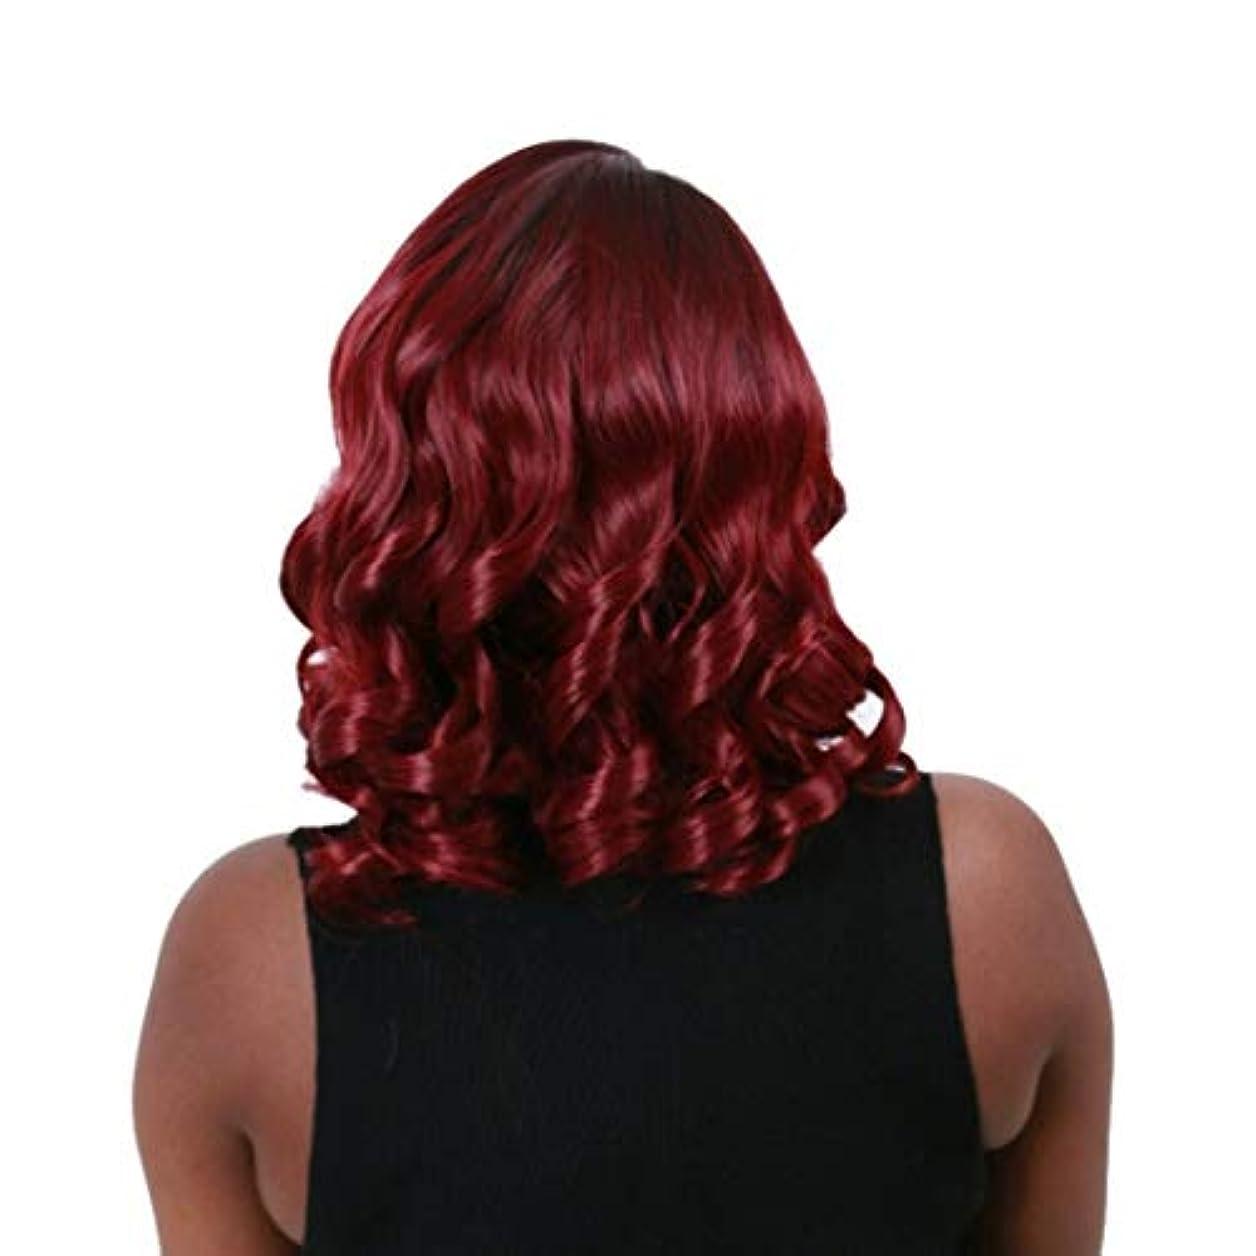 エチケット構想するスポットKerwinner かつら女性のための傾斜前髪ショートカーリーヘアーワインレッド高温シルクウィッグ